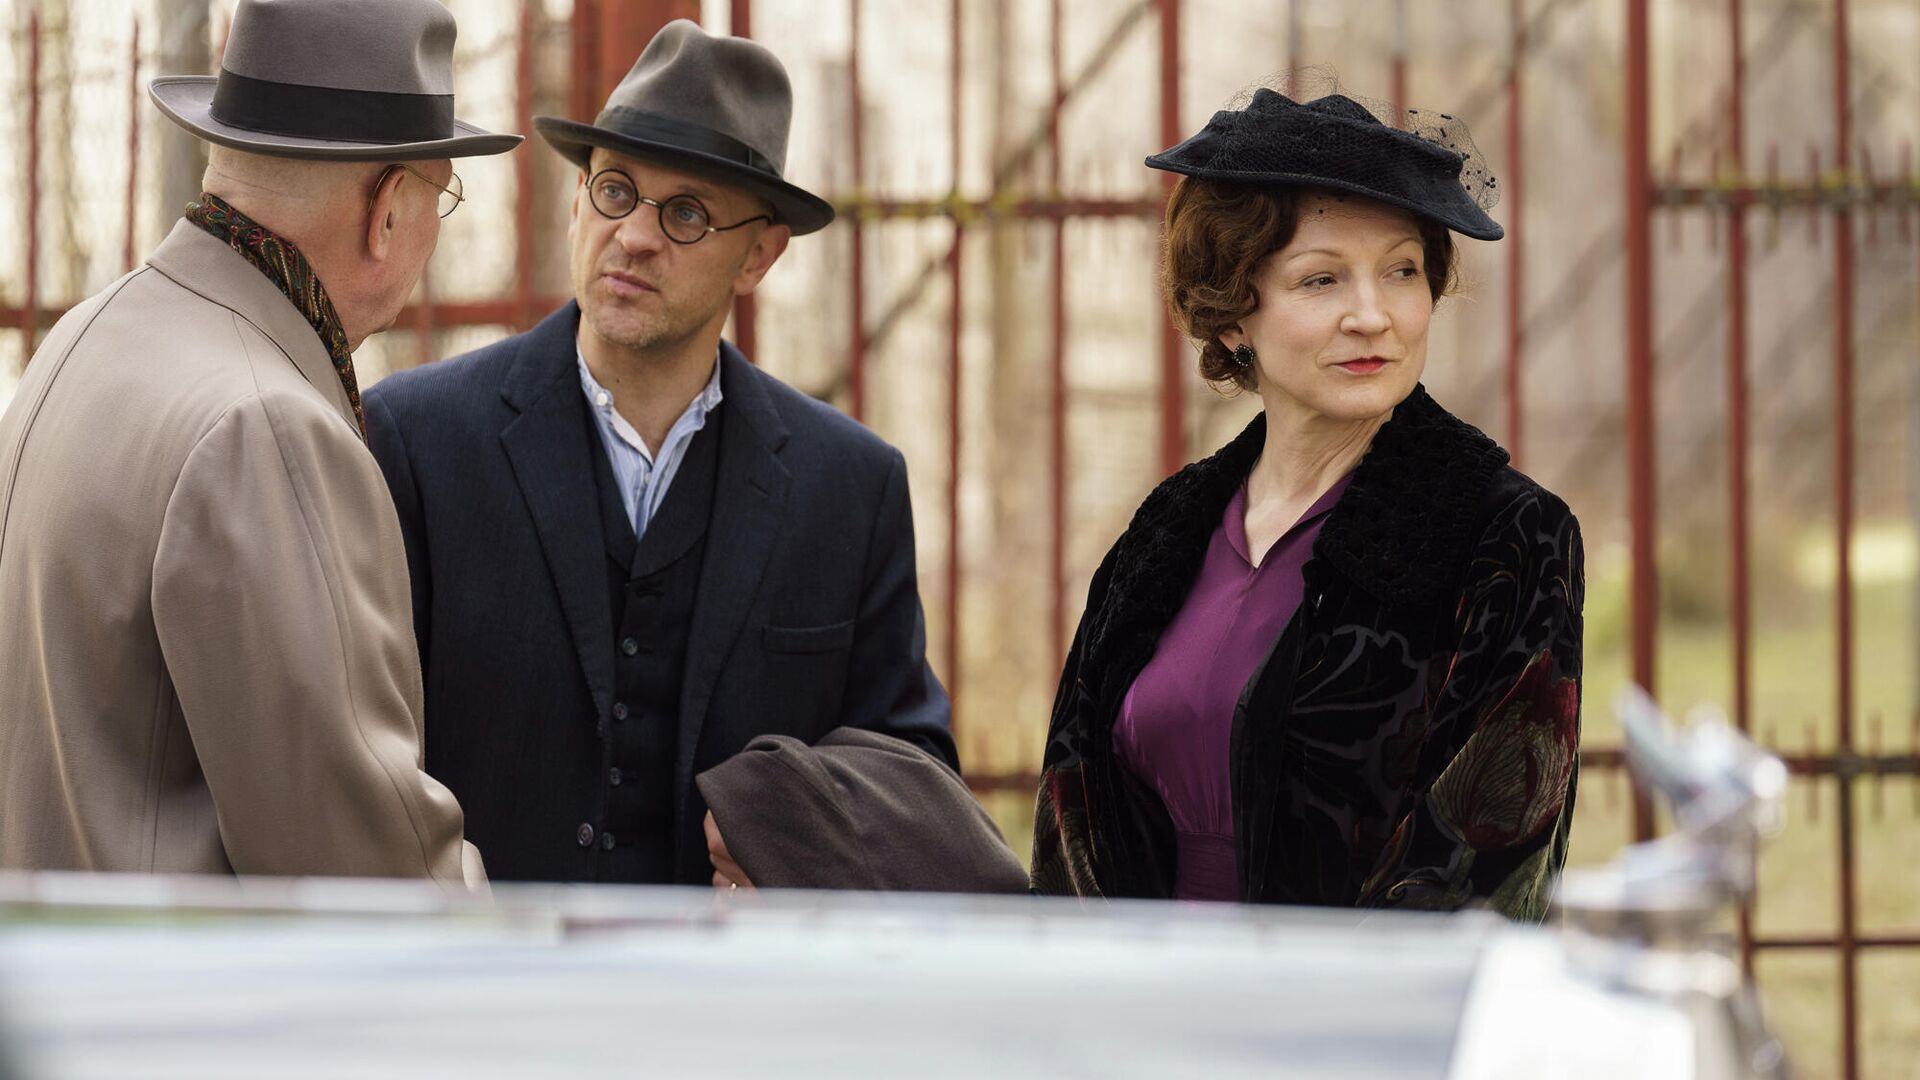 Фильм охватывает события из жизни королевы печати от 1920-х до трагической кончины в 1941 - Sputnik Латвия, 1920, 21.09.2021